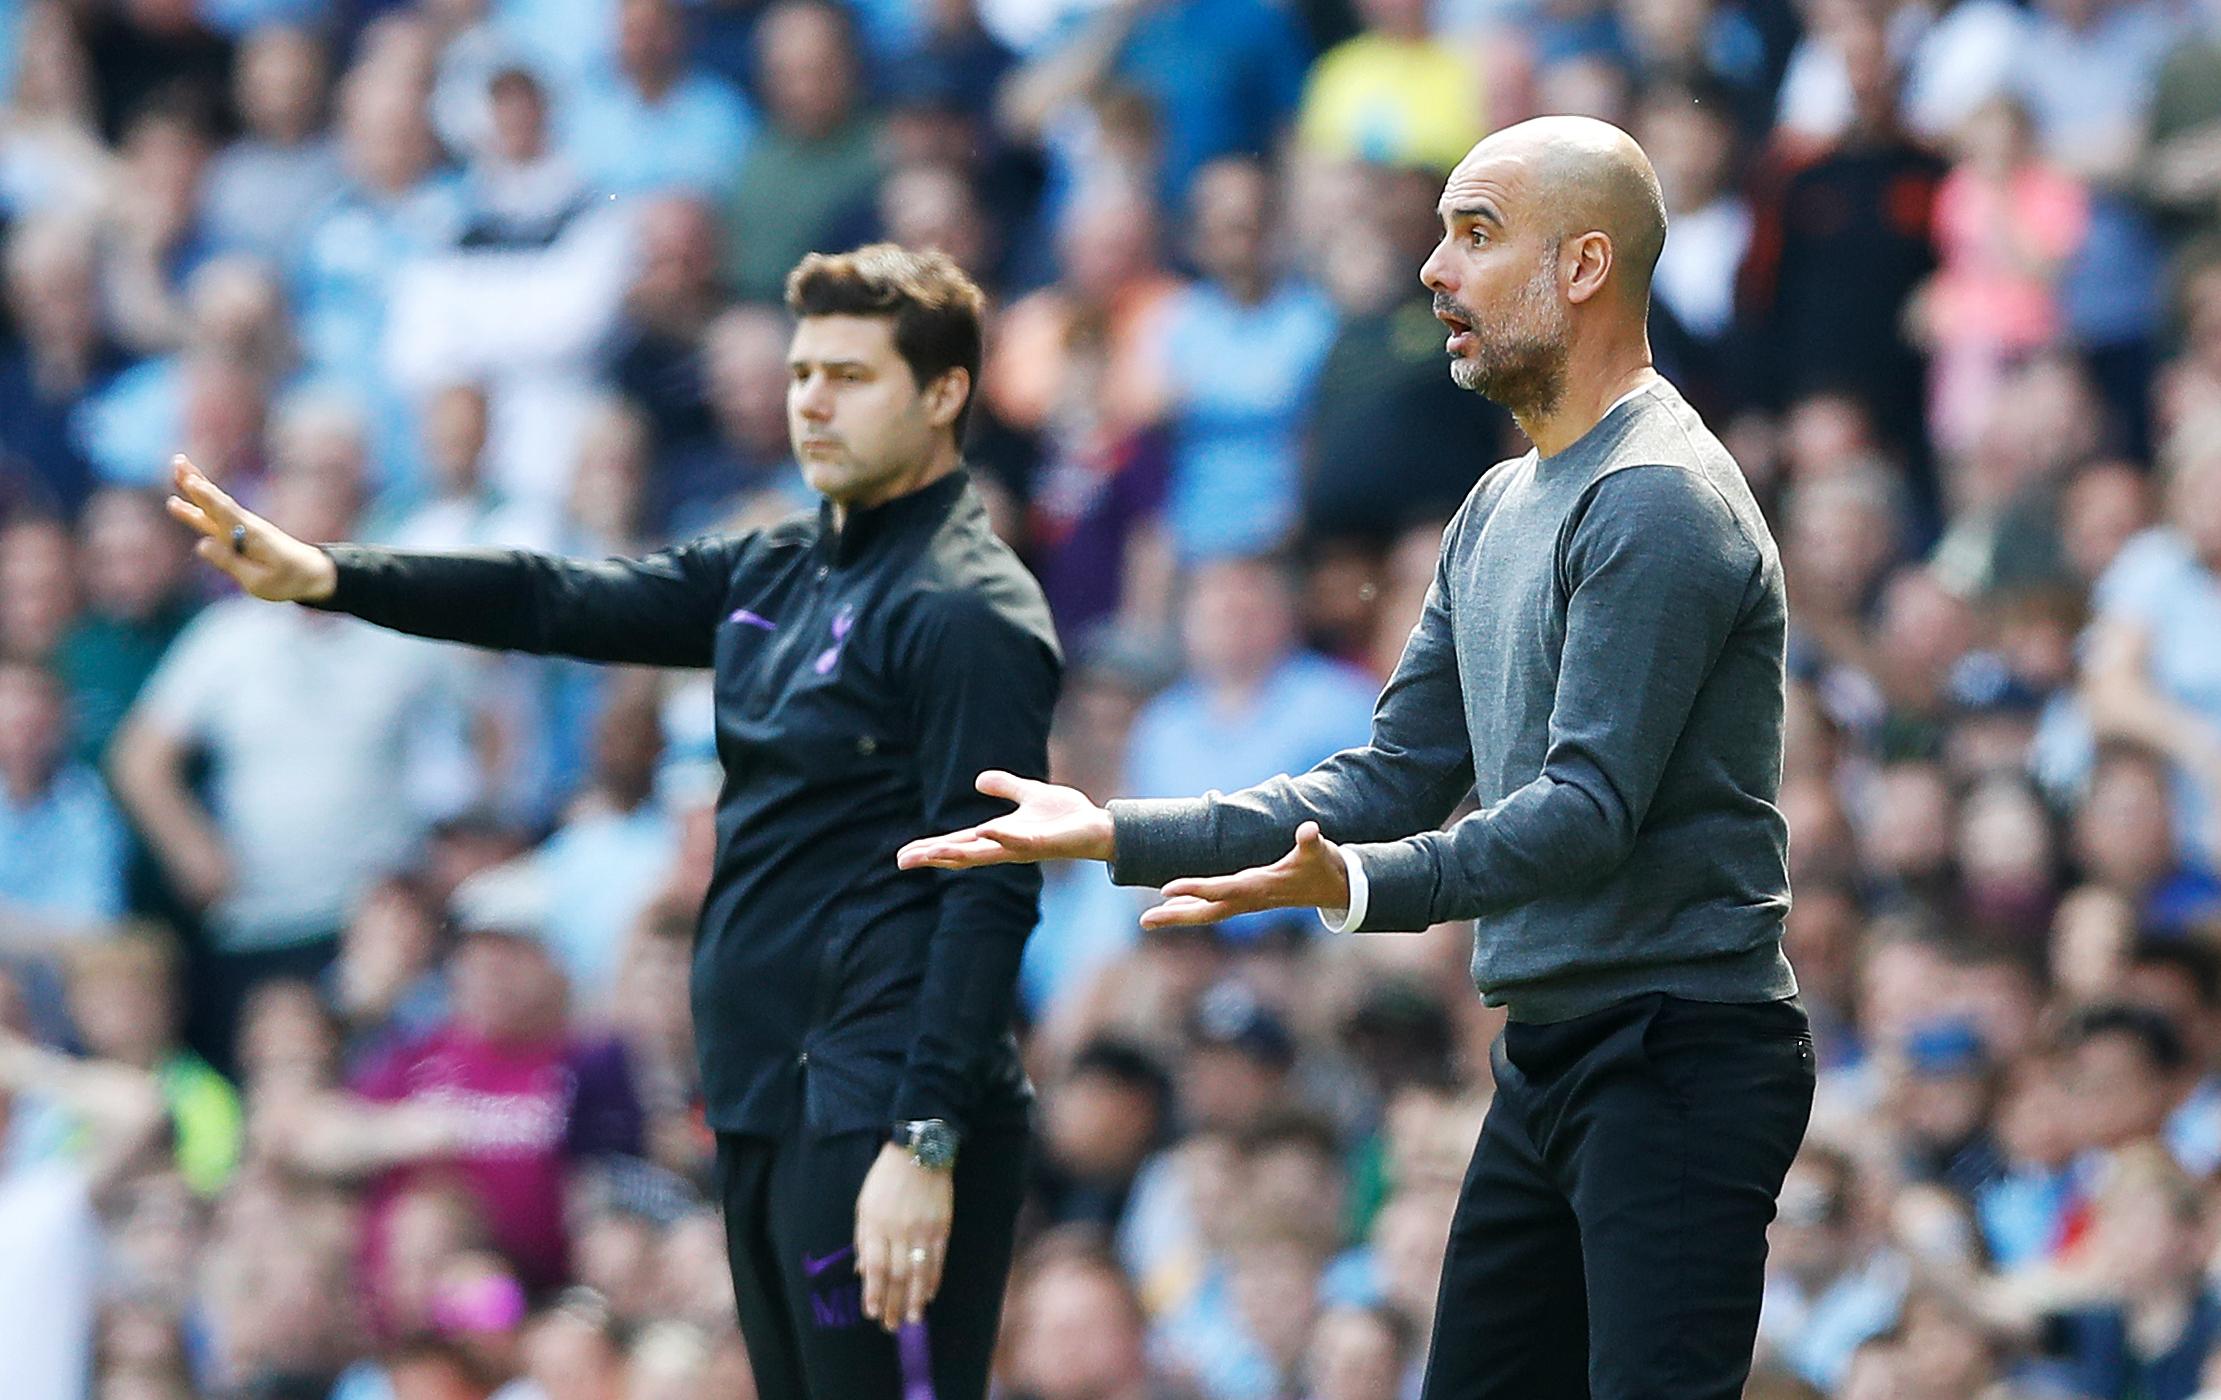 Manajer Tottenham Hotspur Mauricio Pochettino (kiri) dan manajer Manchester Metropolis Pep Guardiola di tepi lapangan semuanya melalui pertandingan Liga Premier di Etihad Stadium, Manchester